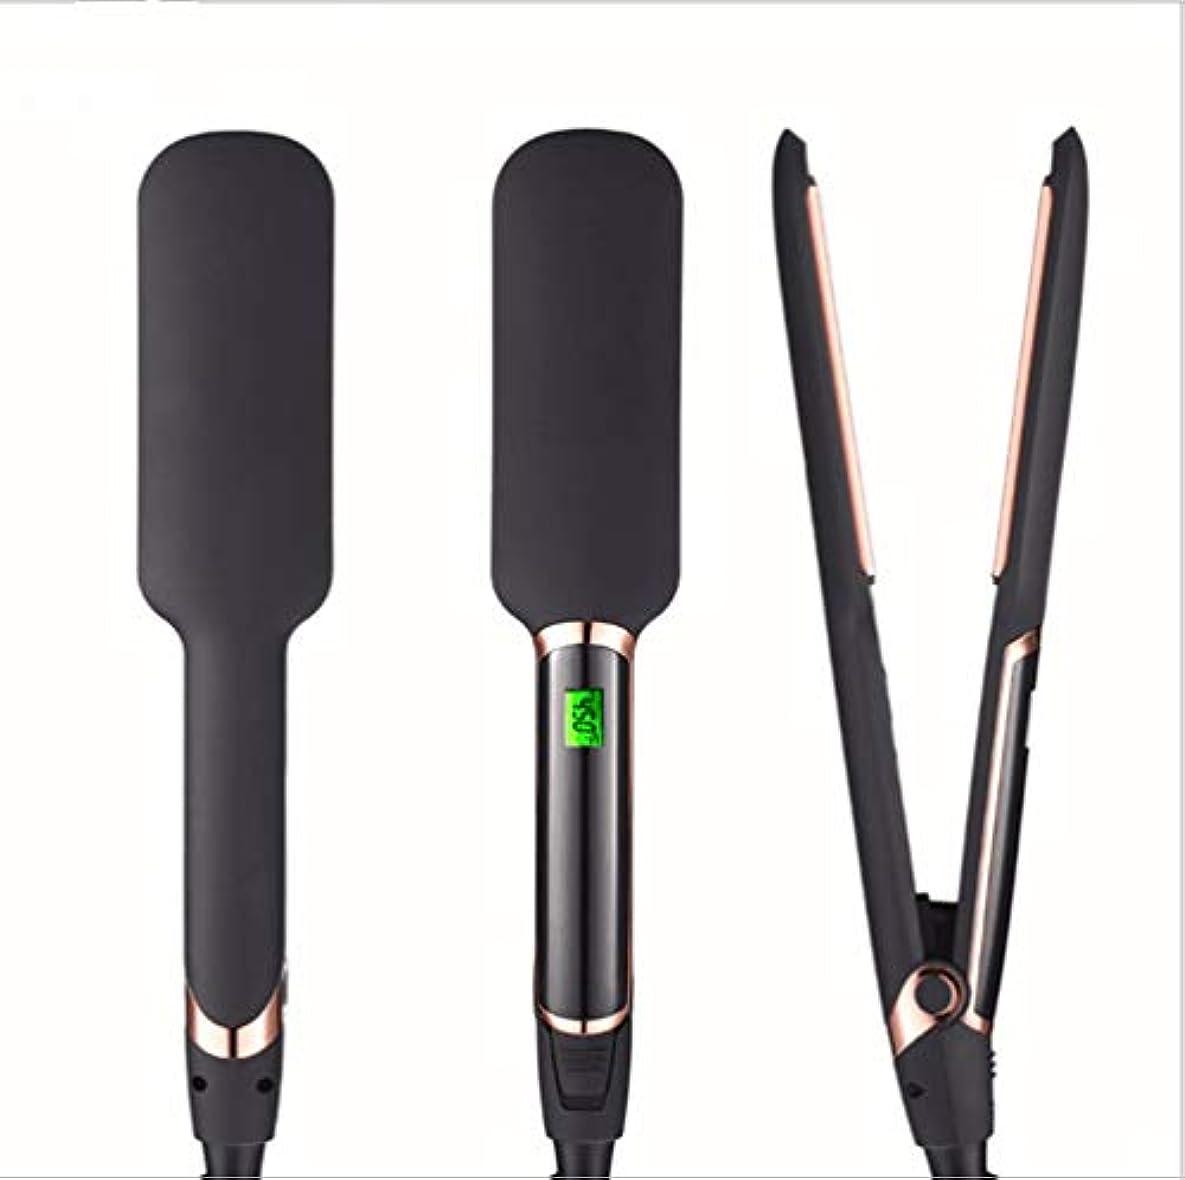 伝統赤外線バングユニセックス2 in 1ストレートヘアアイロン電気クリンパートルマリンセラミックバレル用調整可能なLCD温度とビーチークリンパ髪アイロン